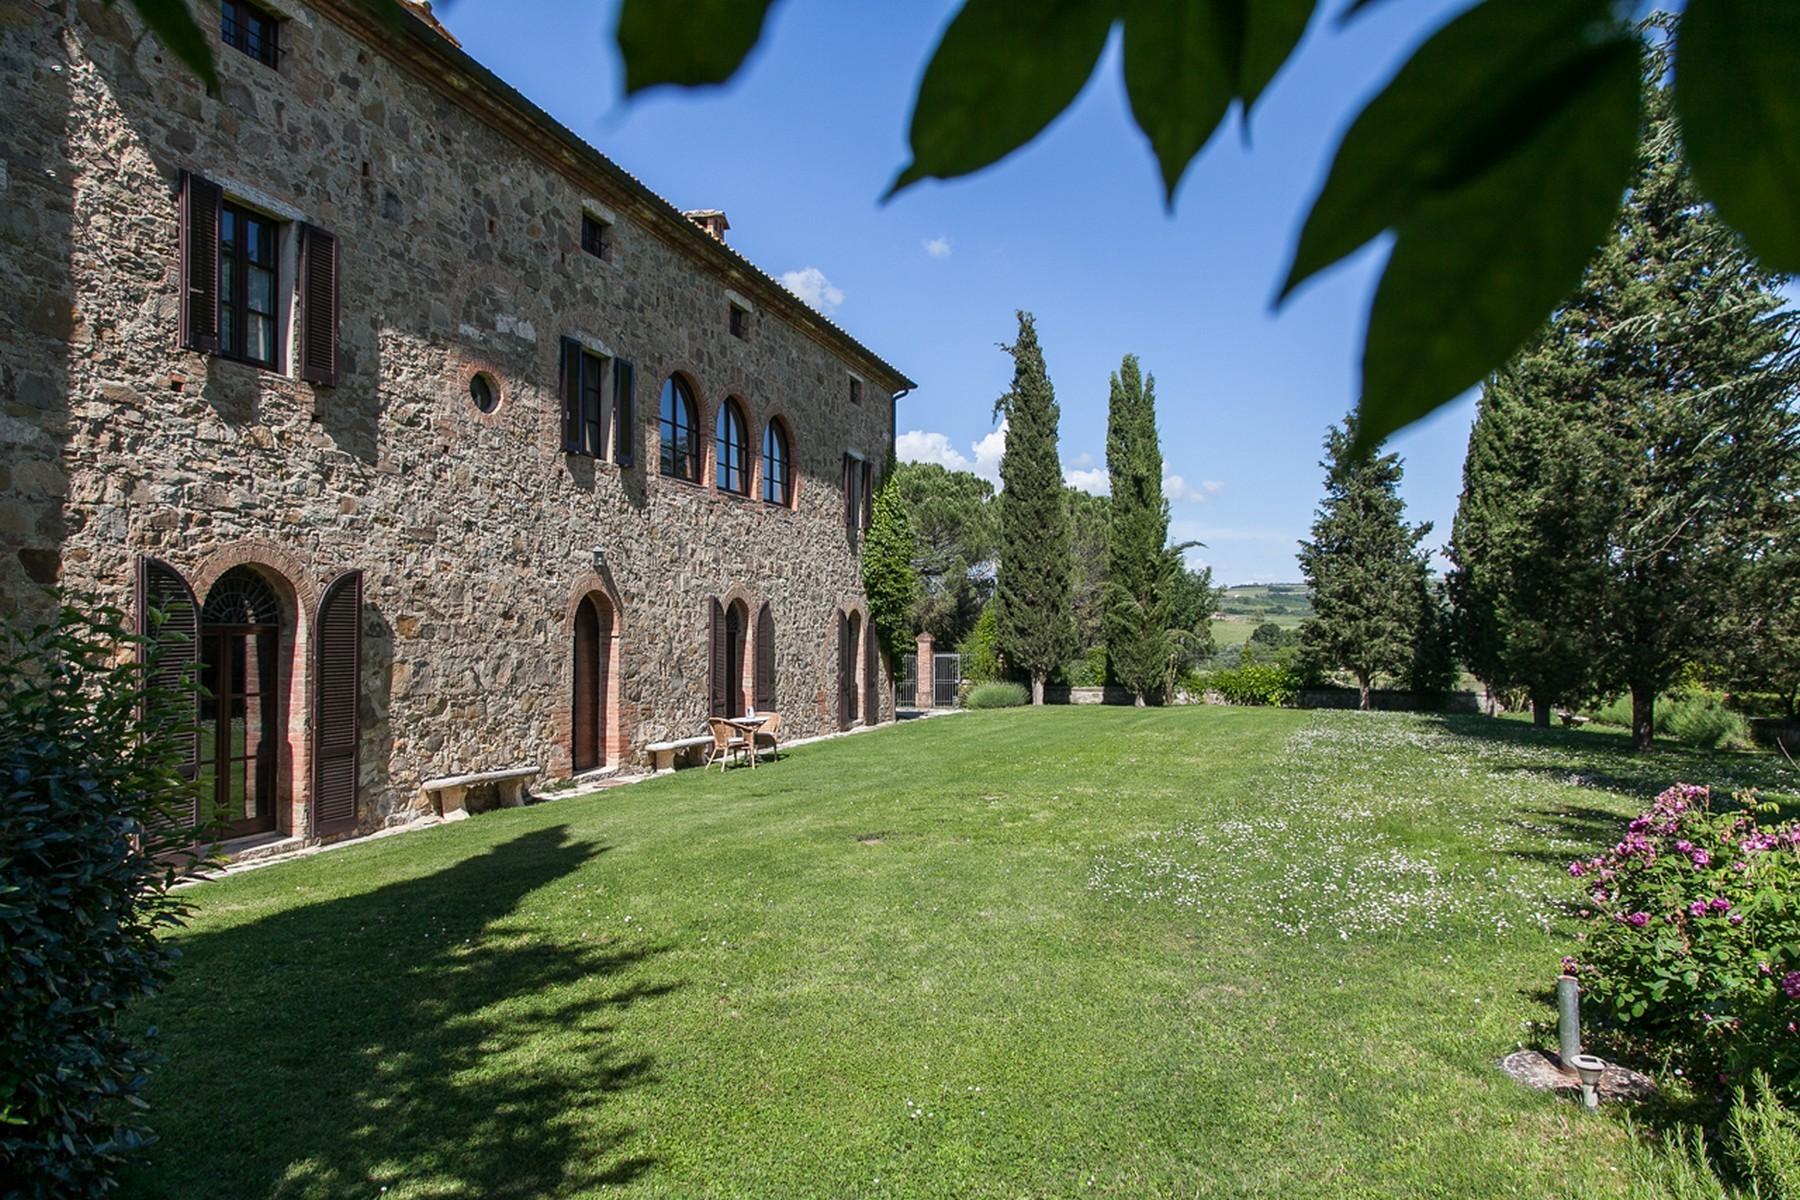 Rustico in Vendita a Montalcino: 5 locali, 900 mq - Foto 2